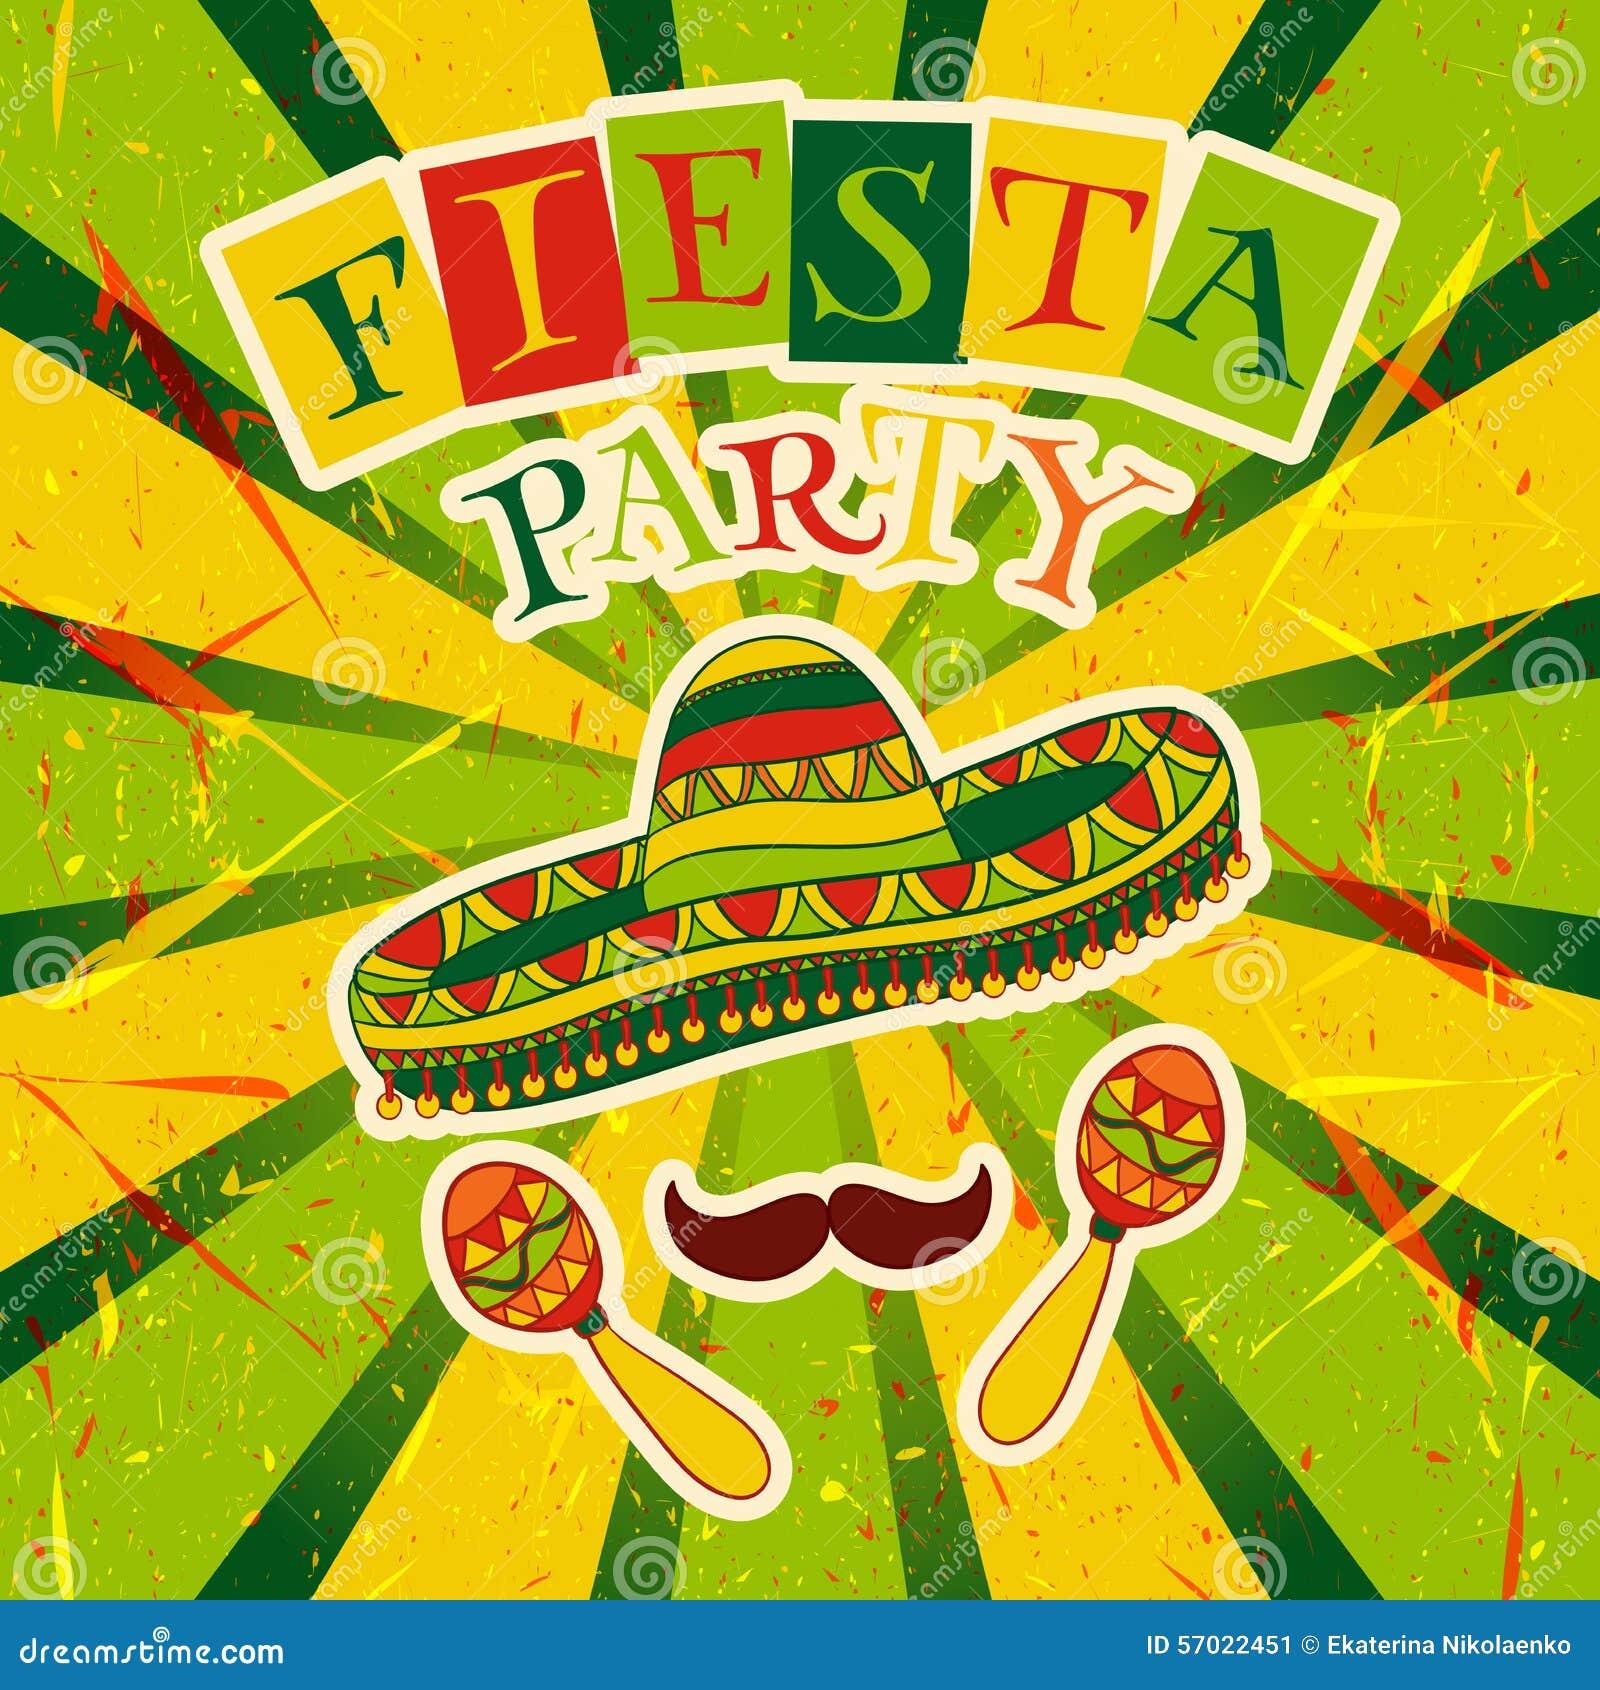 Mexikanische Fiesta-Partei-Einladung mit maracas, Sombrero und dem Schnurrbart Hand gezeichnetes Vektorillustrationsplakat